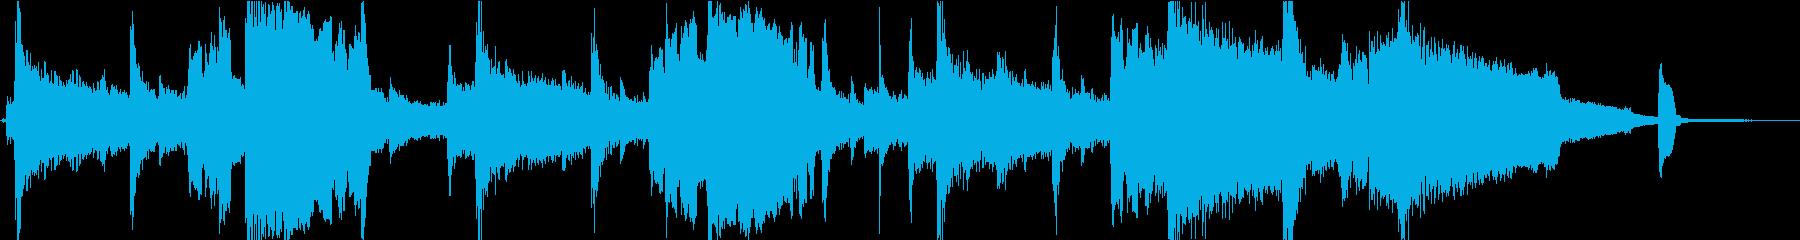 哀愁のジャズトランペットジングルの再生済みの波形